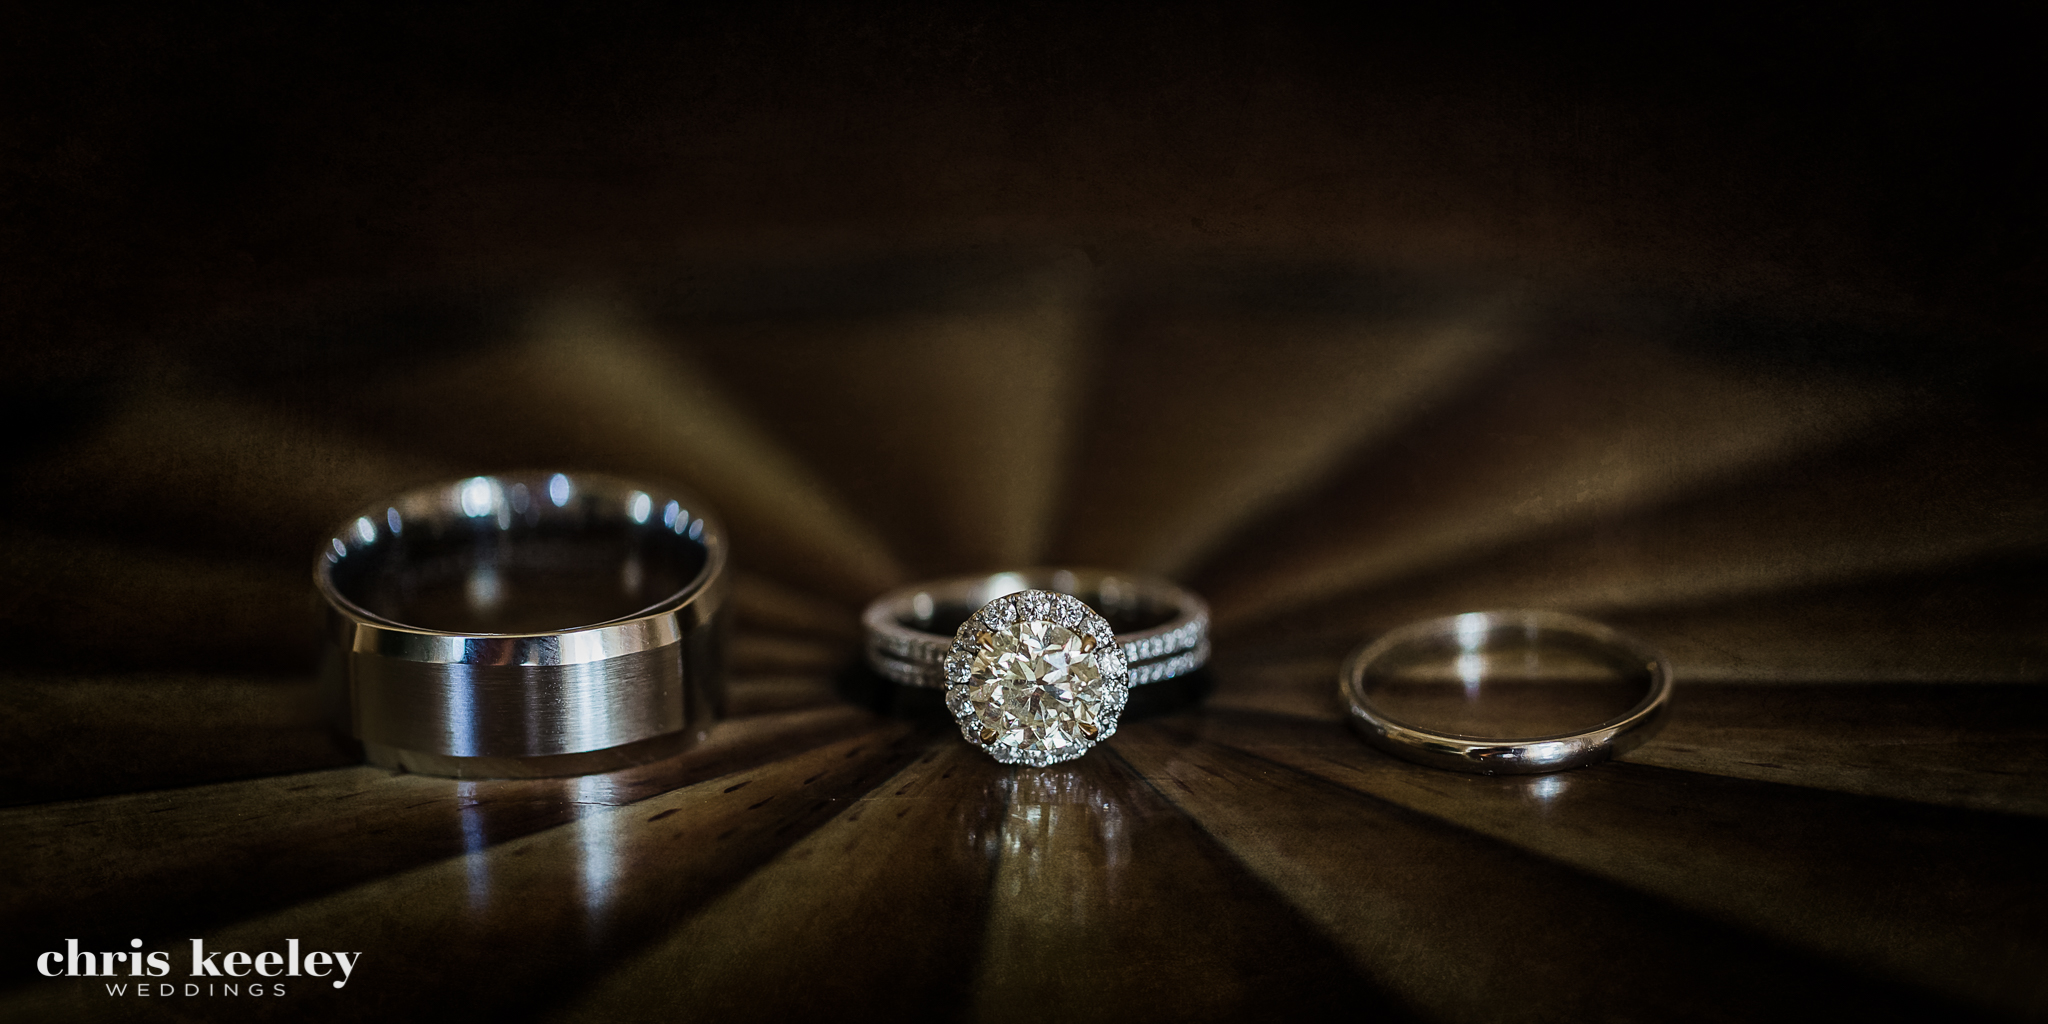 0076-3-Chris-Keeley-Weddings-35-Edit wmk-2.jpg